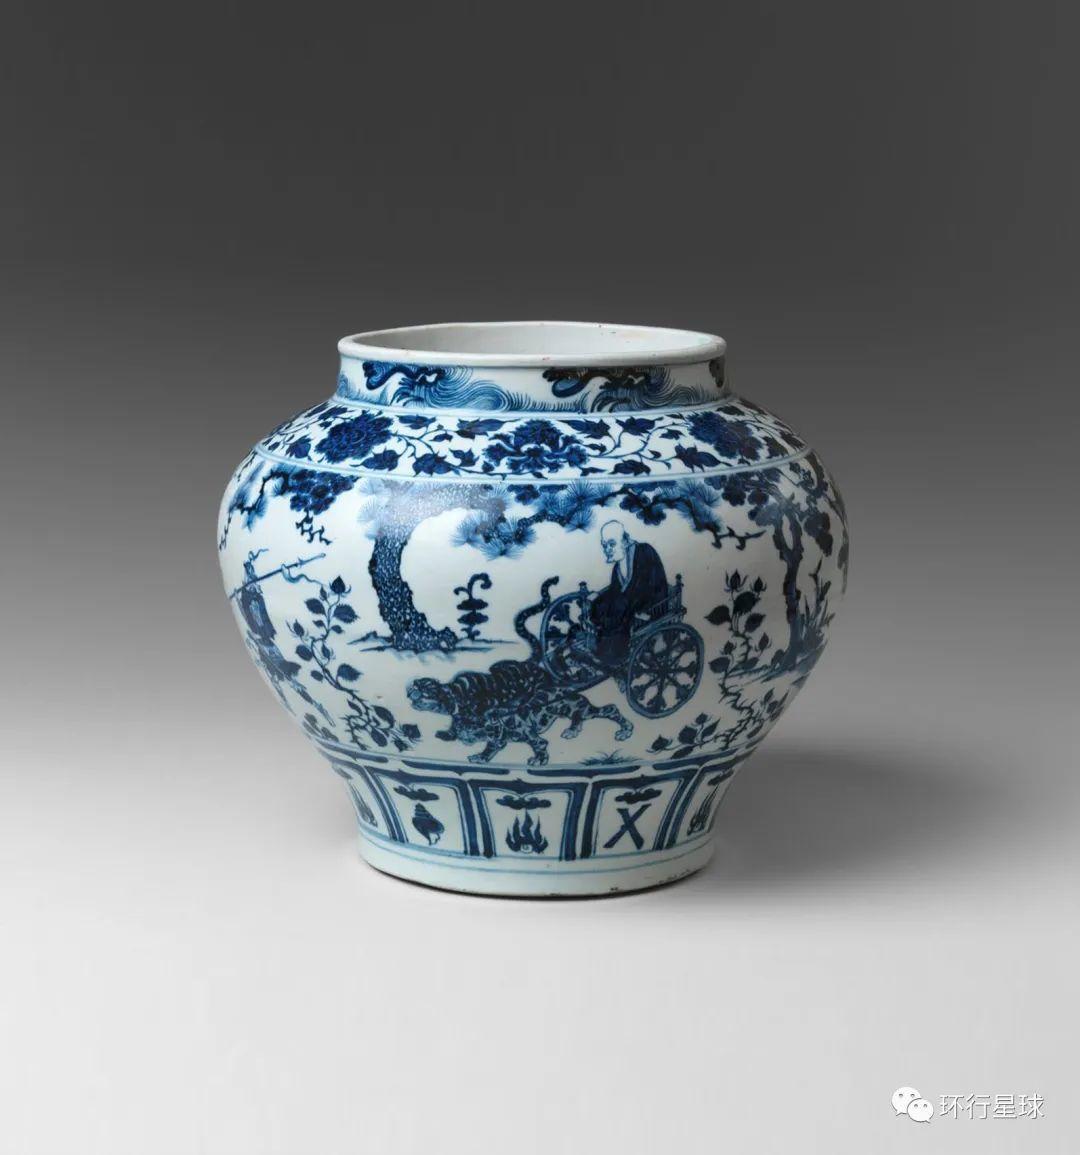 """""""讲故事""""的元青花鬼谷子下山图罐。在2005年经伦敦佳士得拍卖会上以约合人民币2.3亿的价格拍出,创下了当时中国艺术品在世界上的最高拍卖纪录。"""